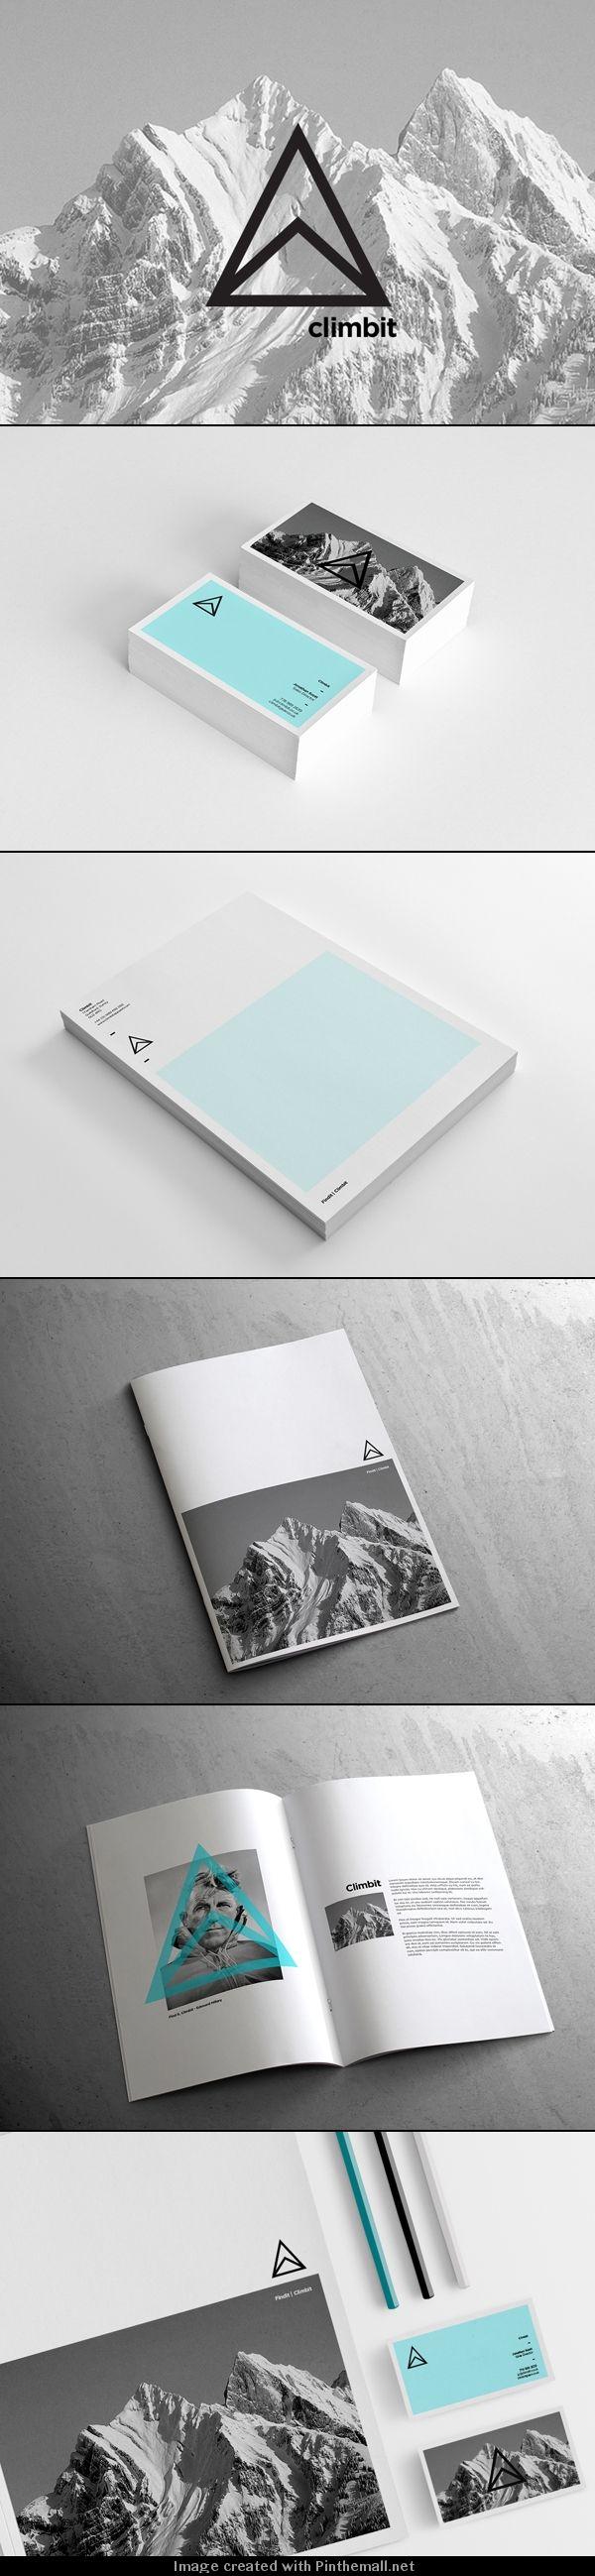 La idea de montaña nevada como ejemplo volumétrico en blanco